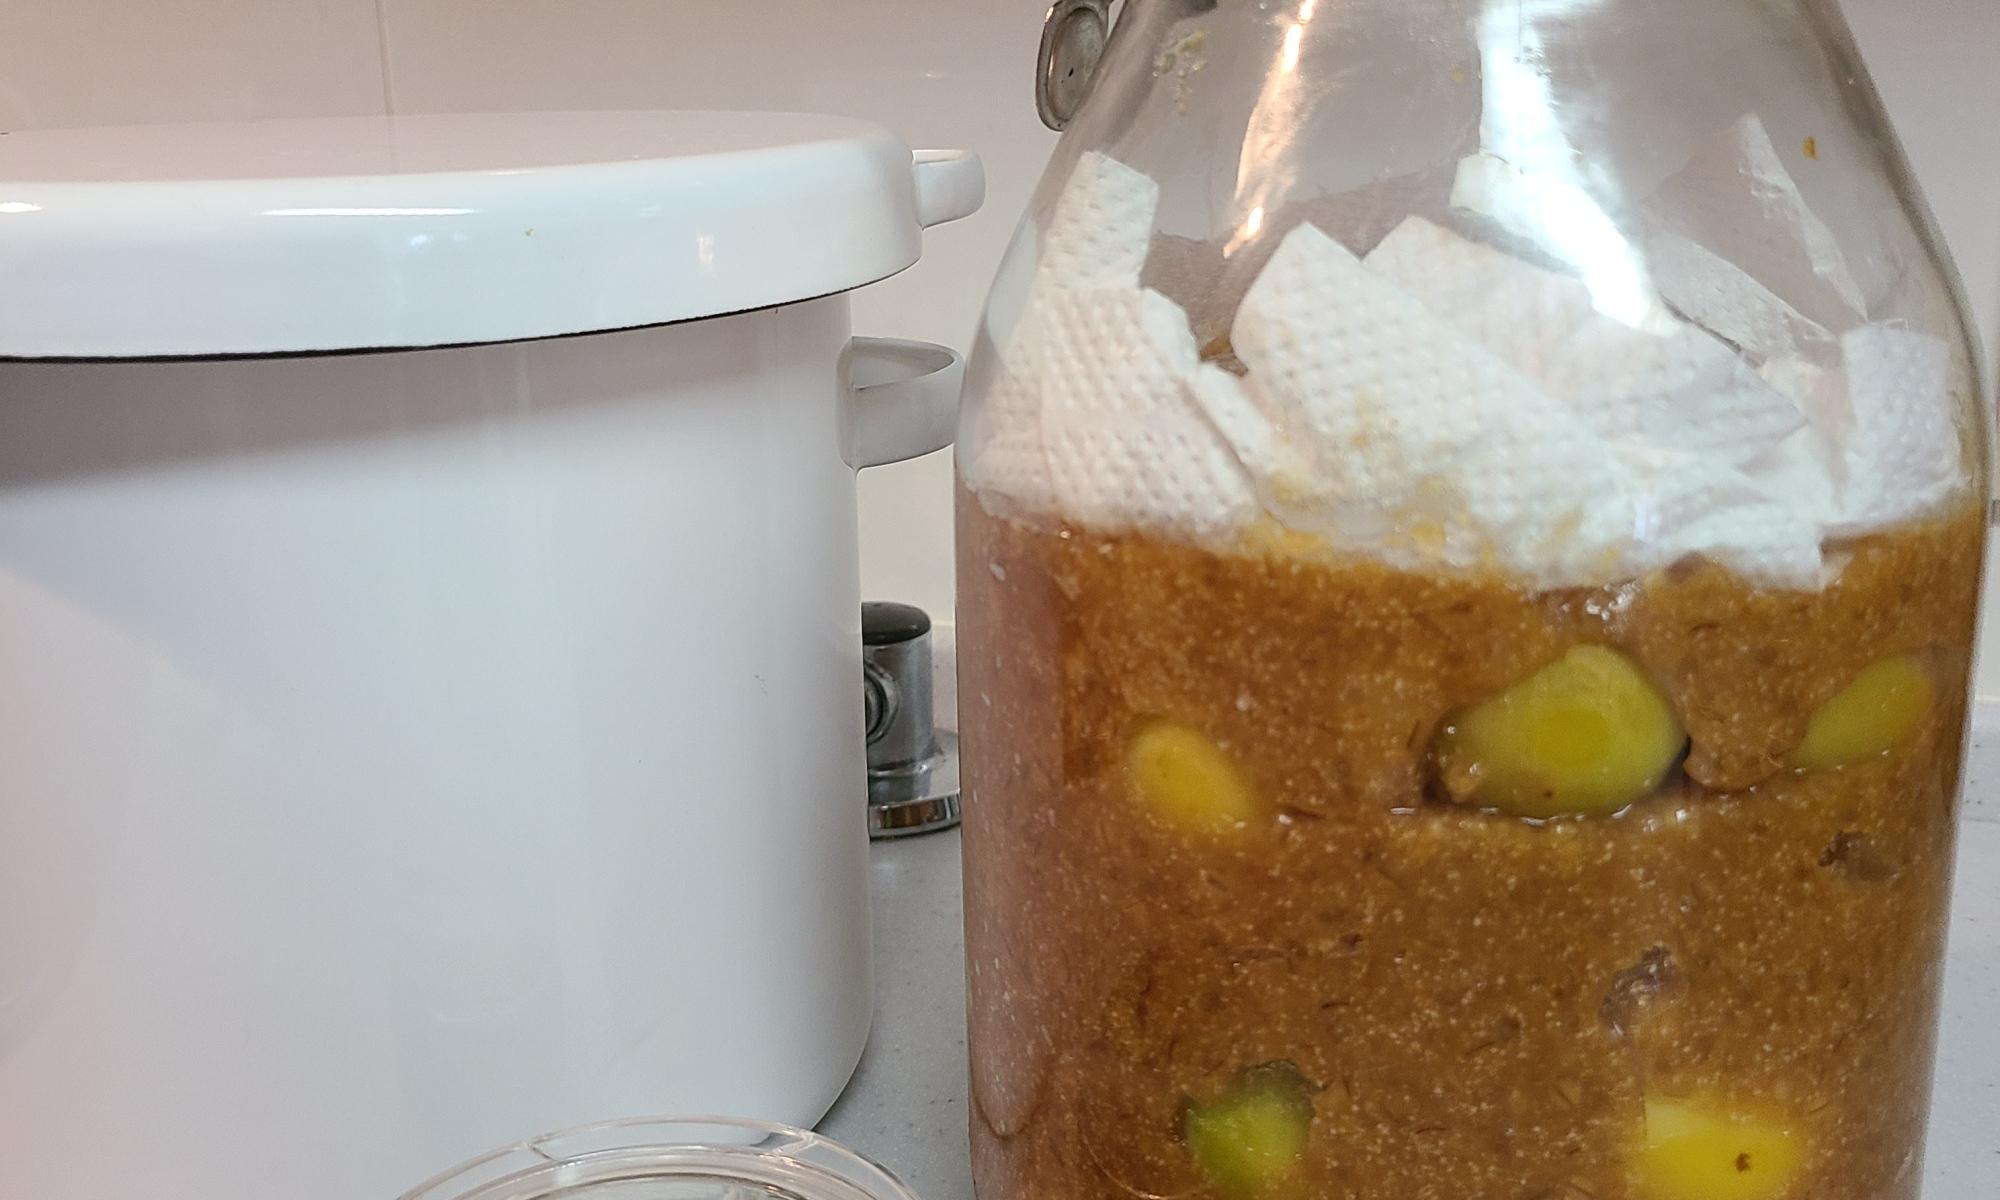 梅みそ、梅干し、梅醤油、其々の容器に仕込まれています